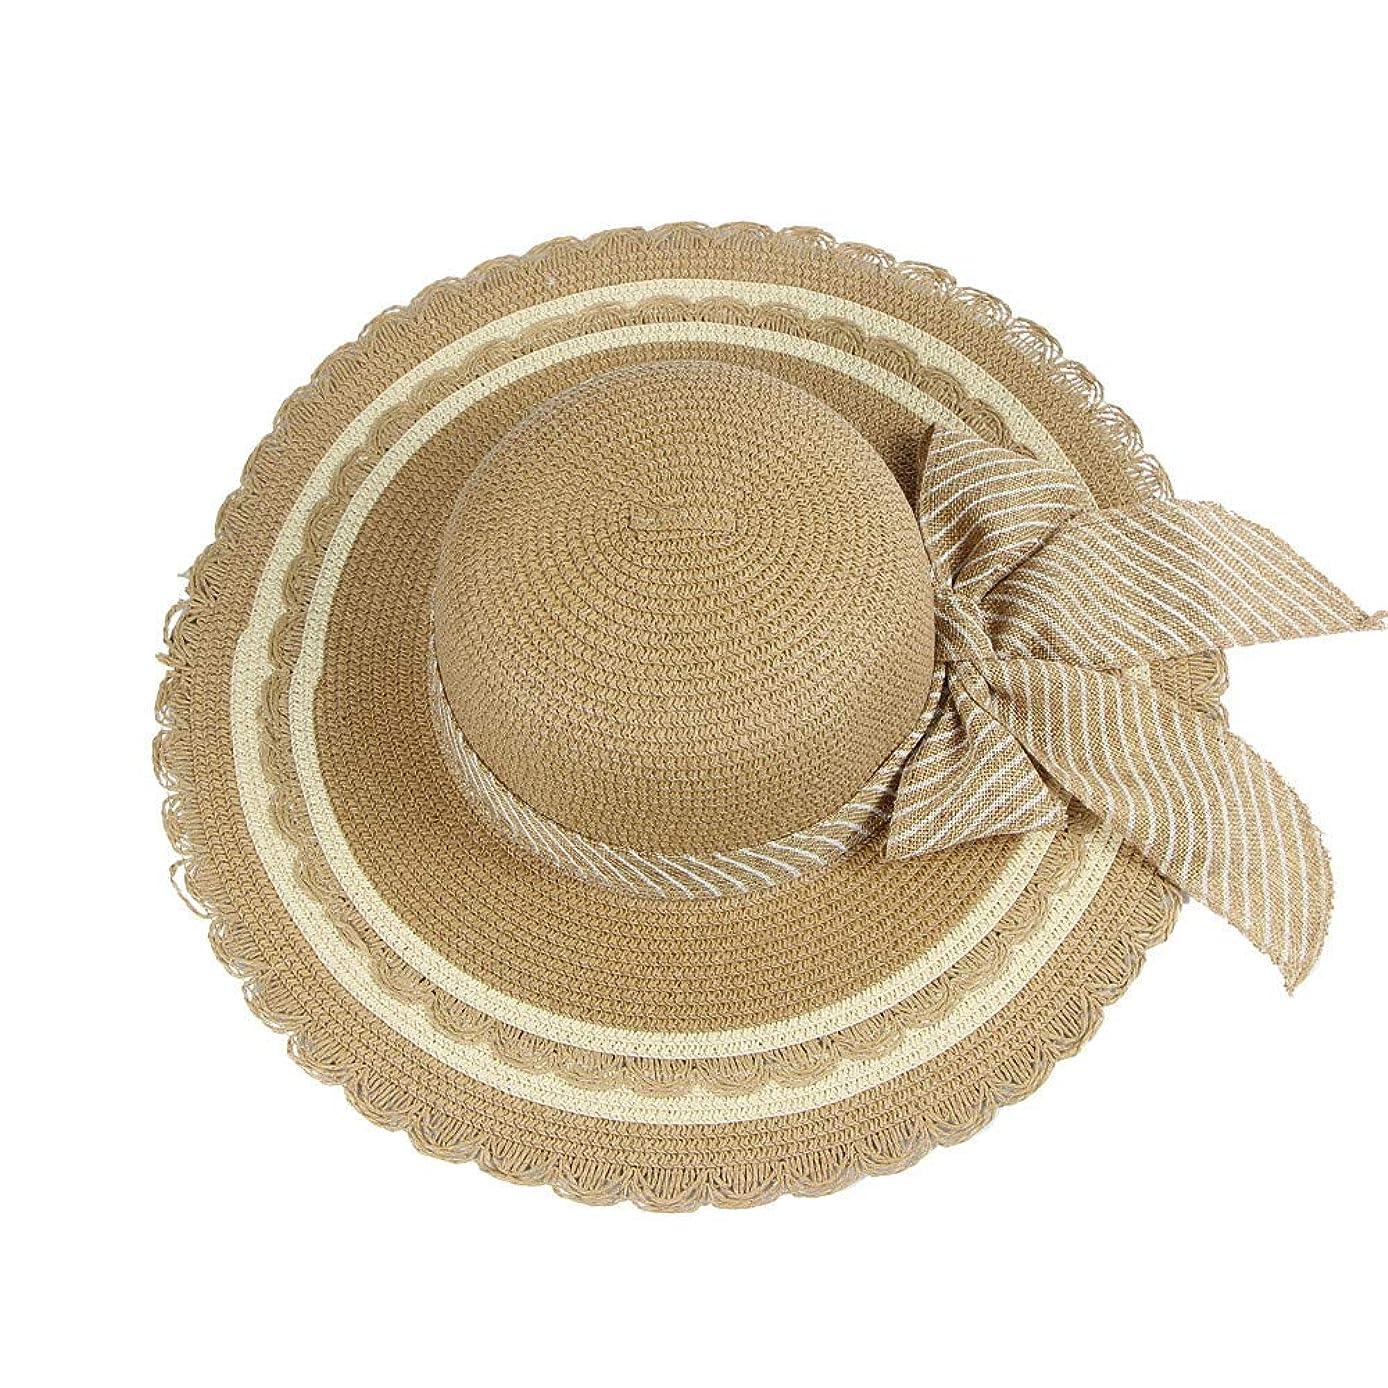 保守的ハイジャックミリメートル帽子 レディース UVカット 帽子 麦わら帽子 UV帽子 紫外線対策 折りたたみ つば広 ワイヤ入り uvカット帽子 春夏 レディース 通気性 ニット帽 マニュアル キャップ レディース 大きいサイズ ROSE ROMAN